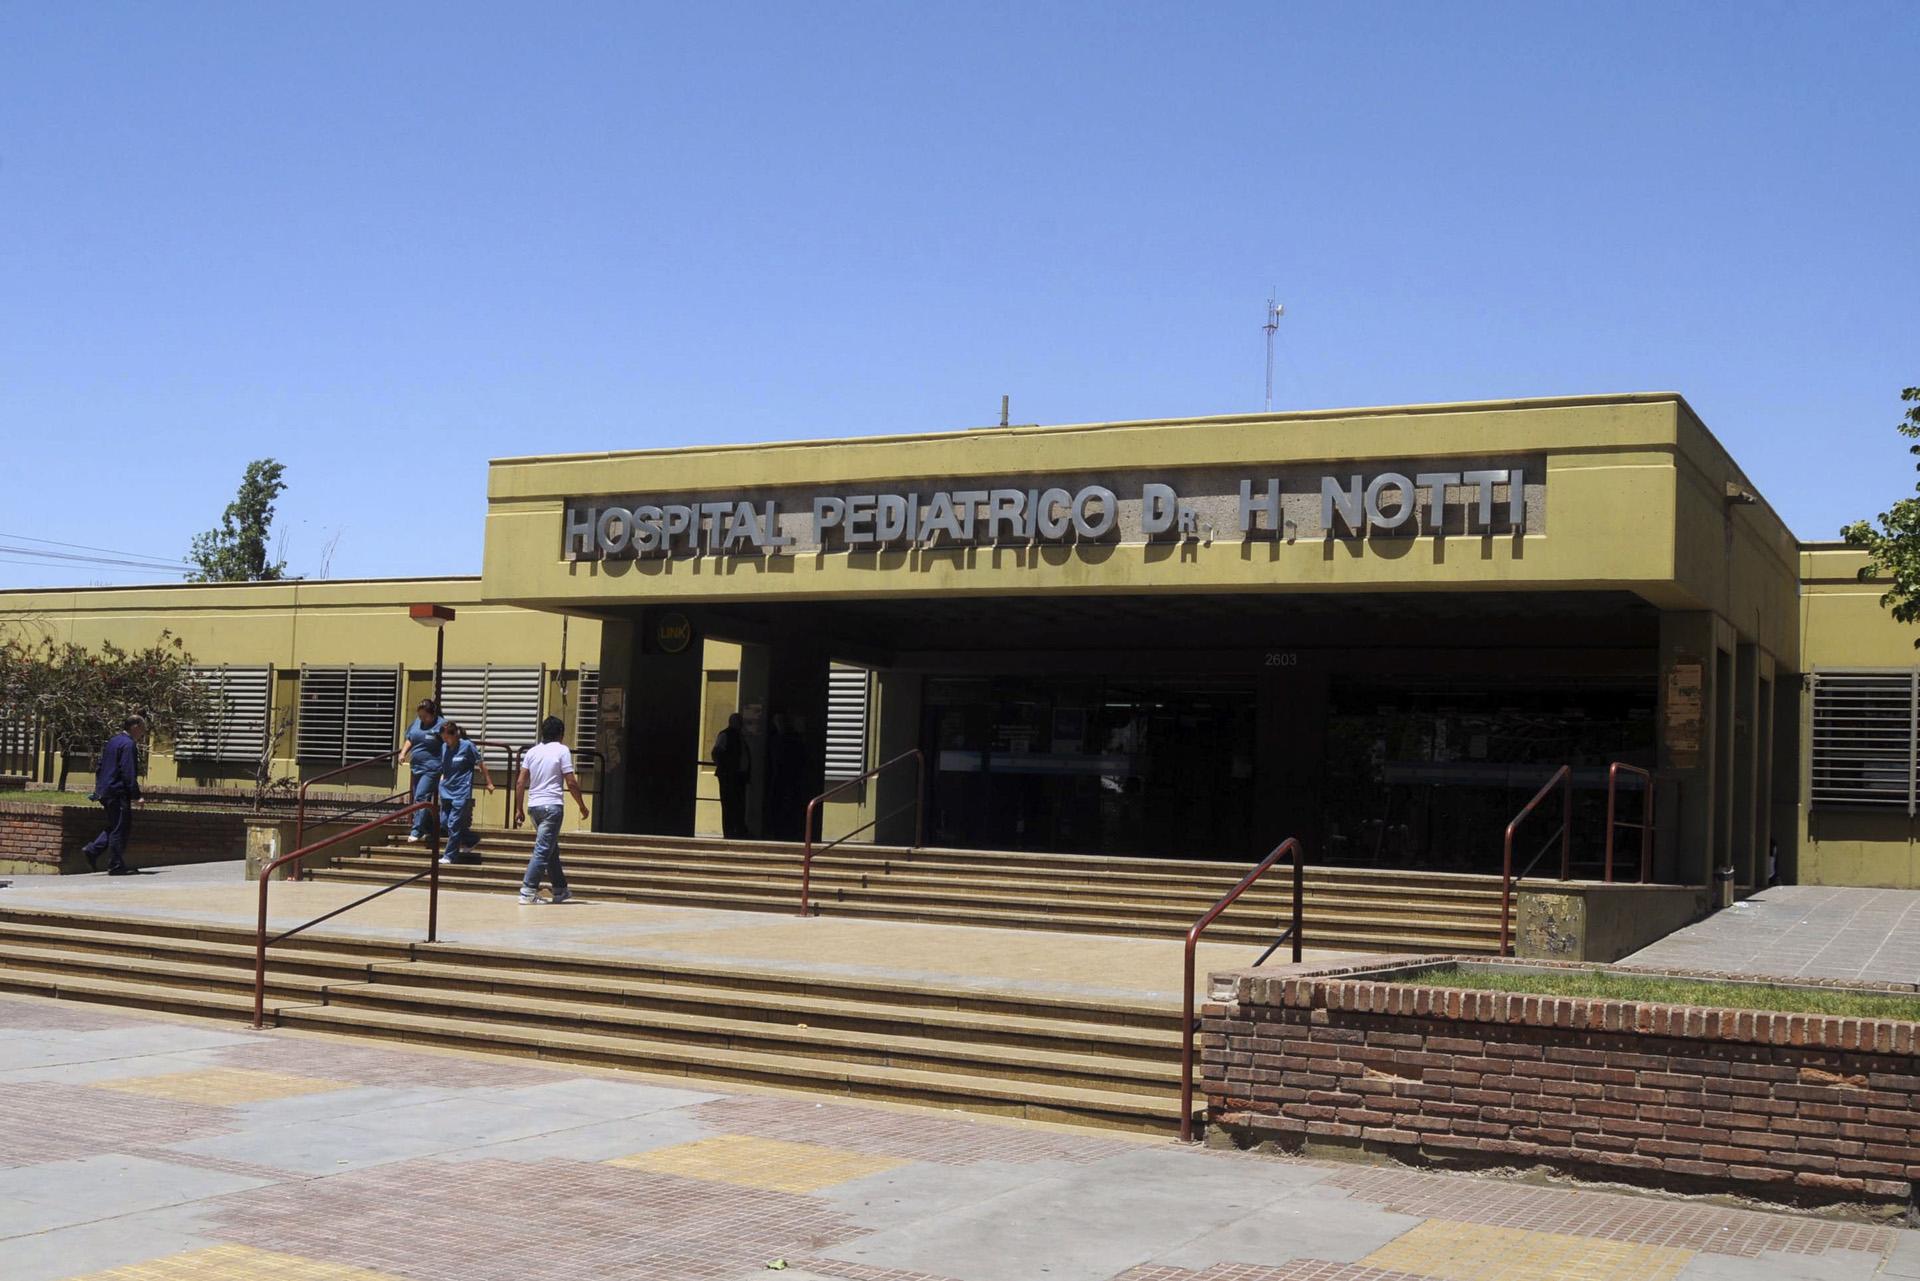 Consternación en Mendoza por una nena de 10 años violada y embarazada: hay un familiar detenido